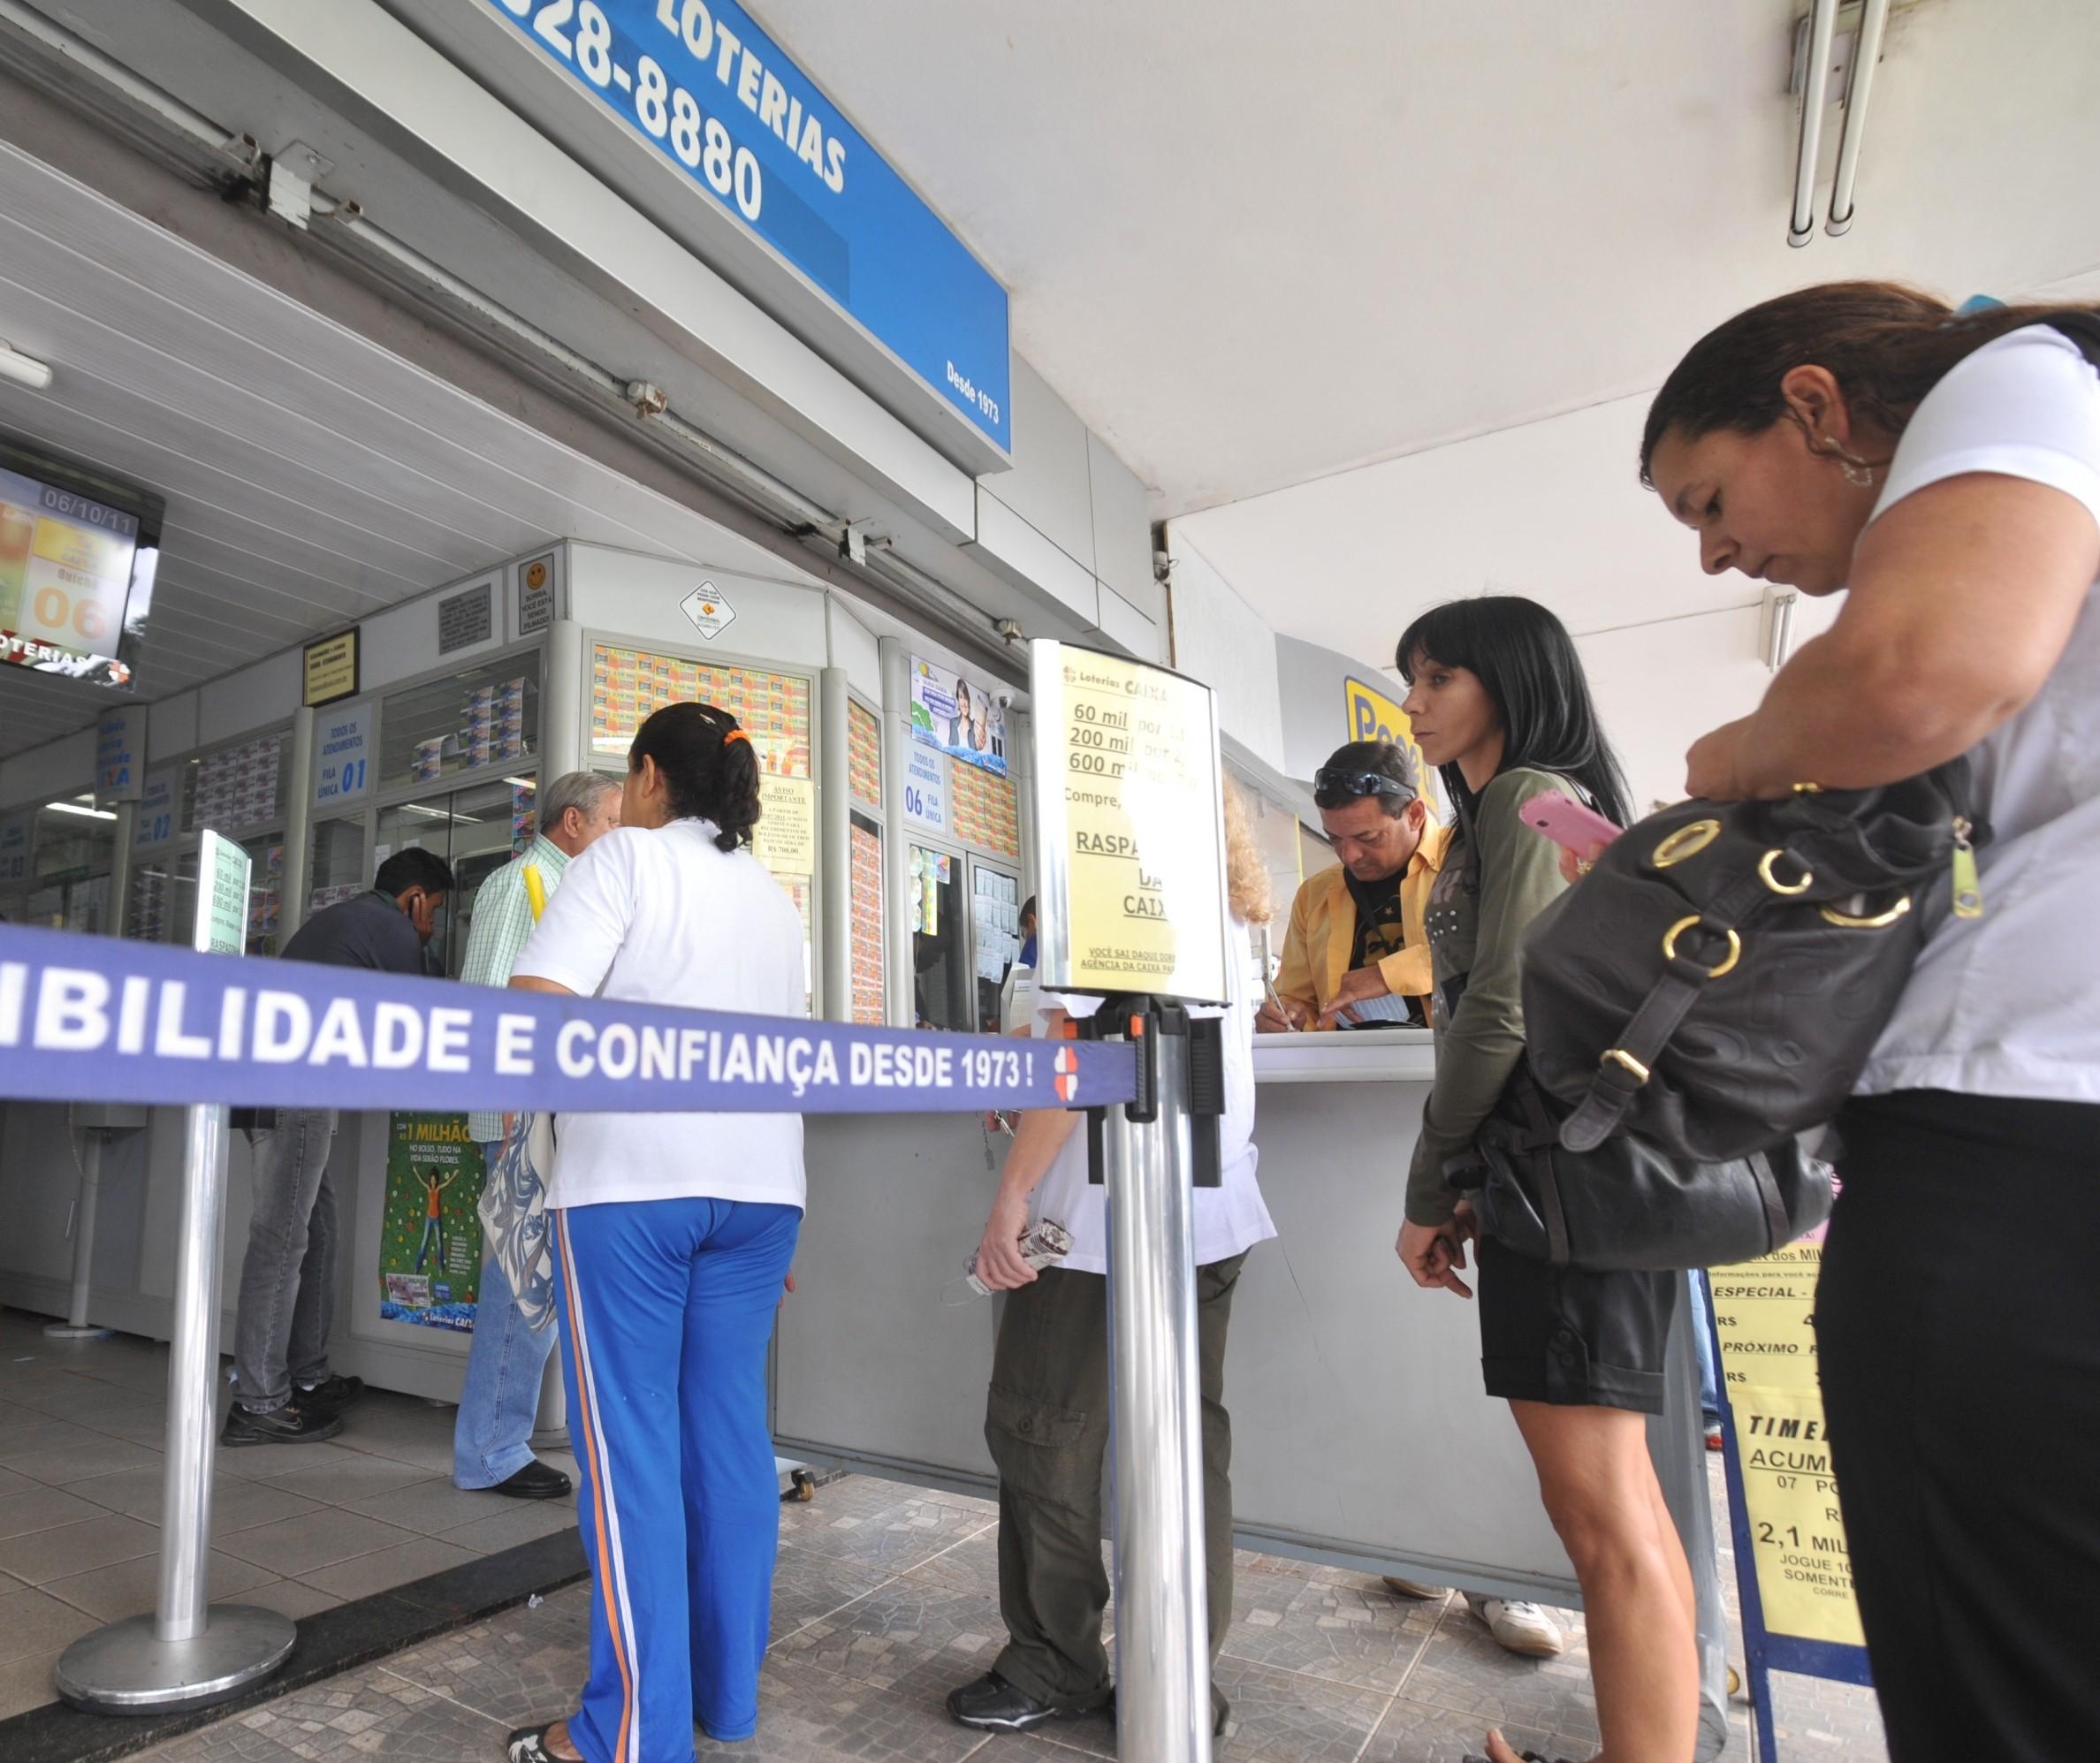 Lotéricas de Sarandi são autorizadas a abrir